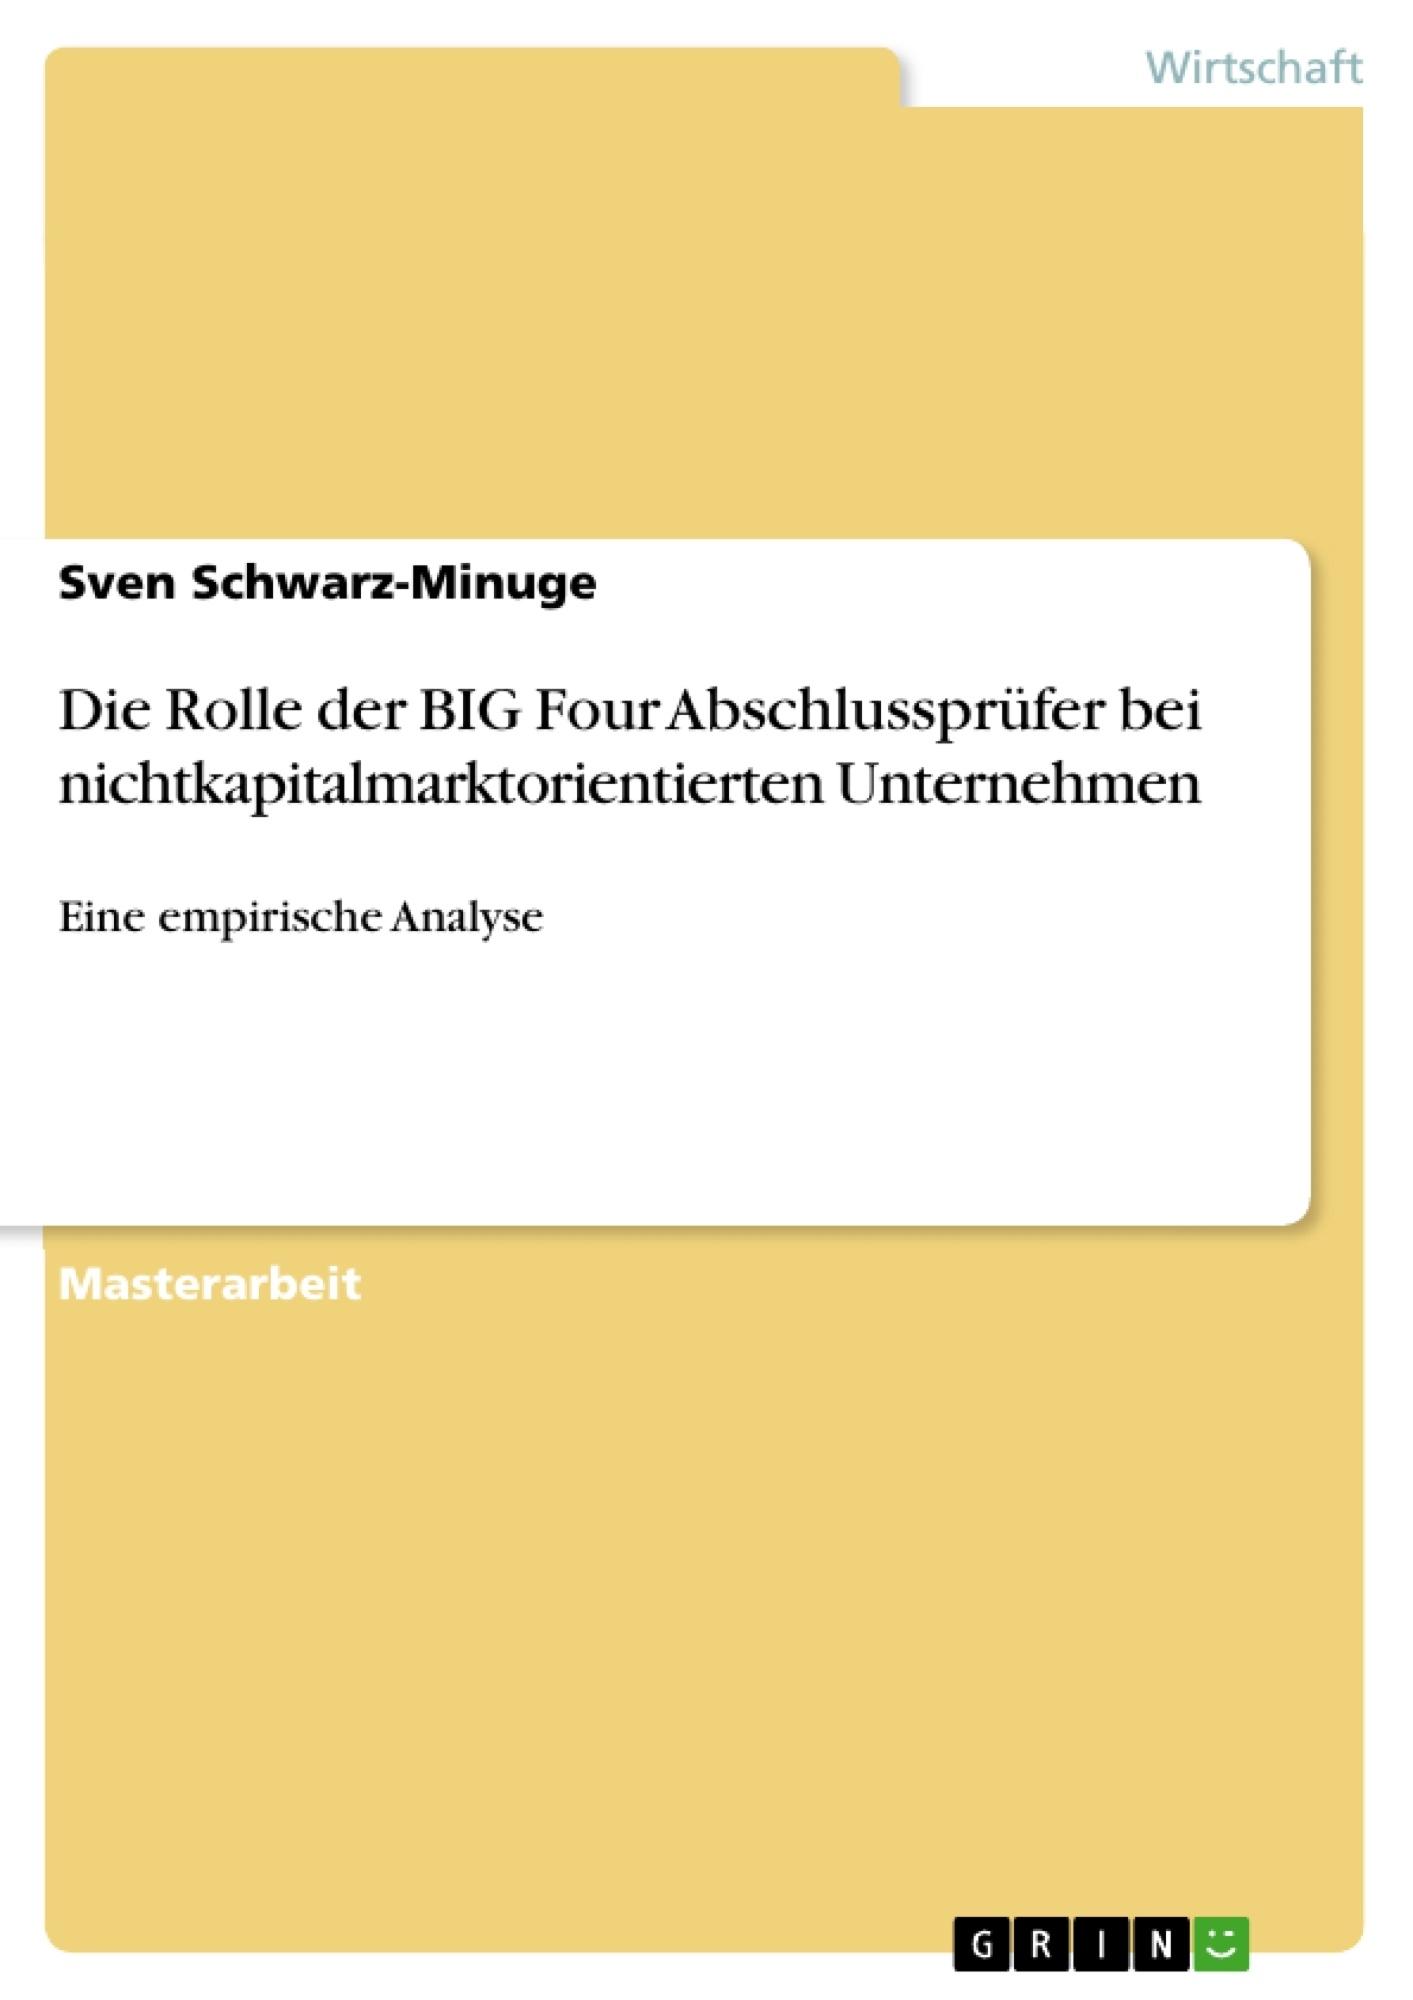 Titel: Die Rolle der BIG Four Abschlussprüfer bei nichtkapitalmarktorientierten Unternehmen